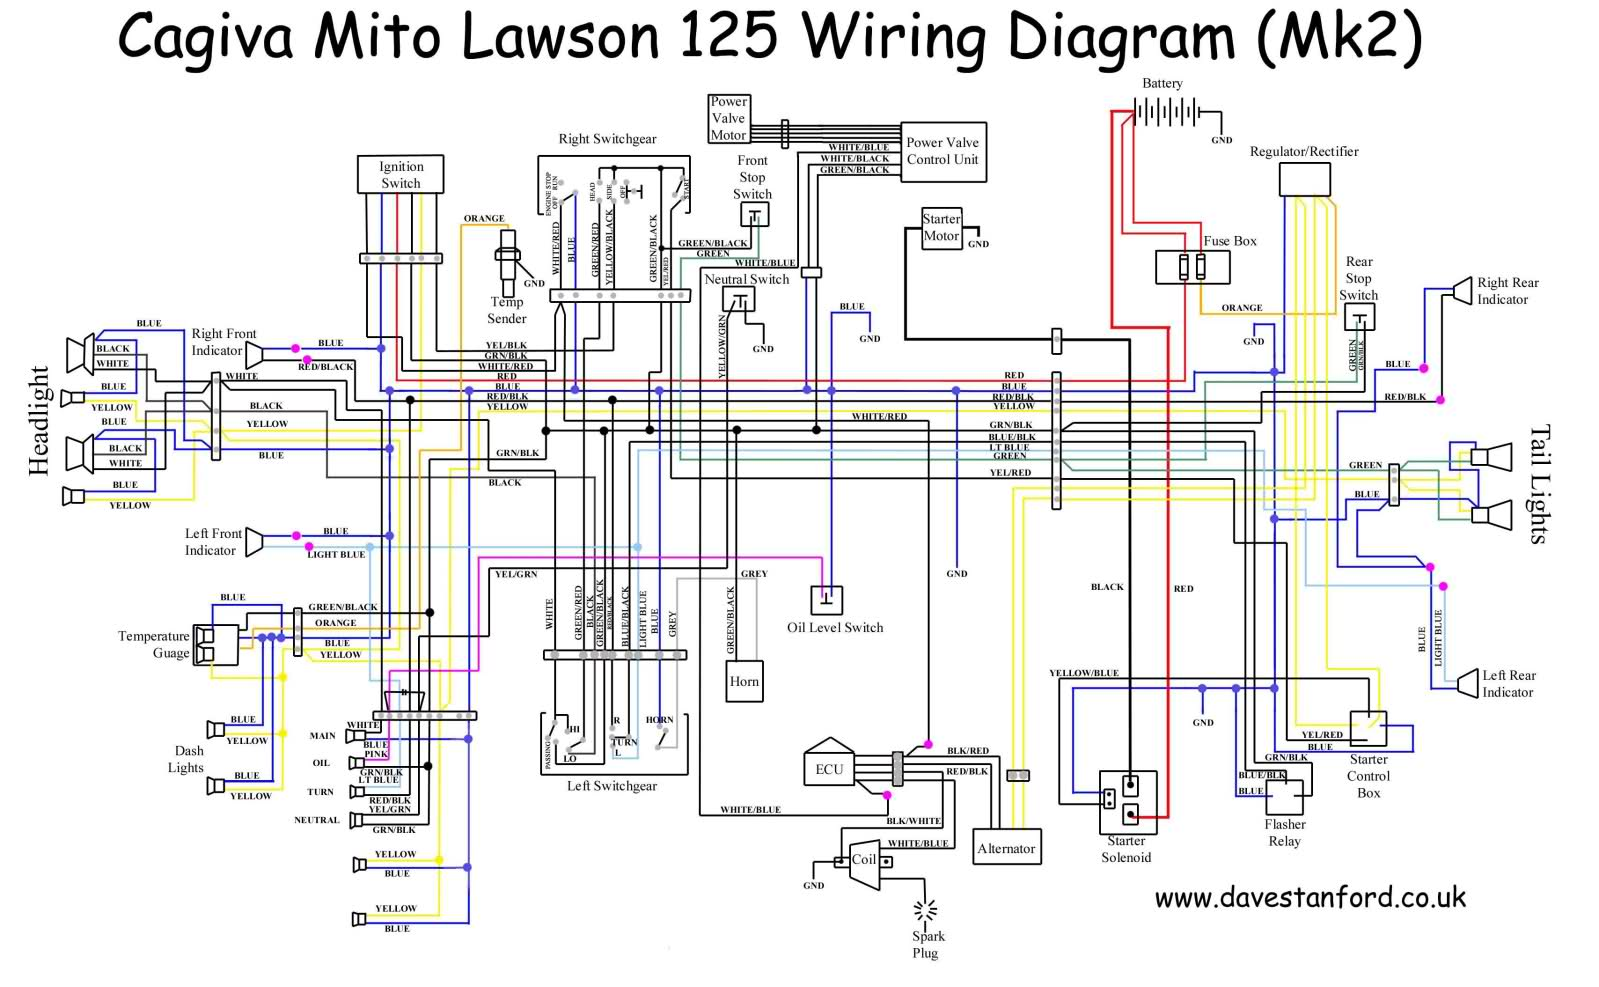 medium resolution of cagiva mito 125 cagiva mito 125 wiring diagrams electrics cagiva mito bike show cagiva mito power valve wiring